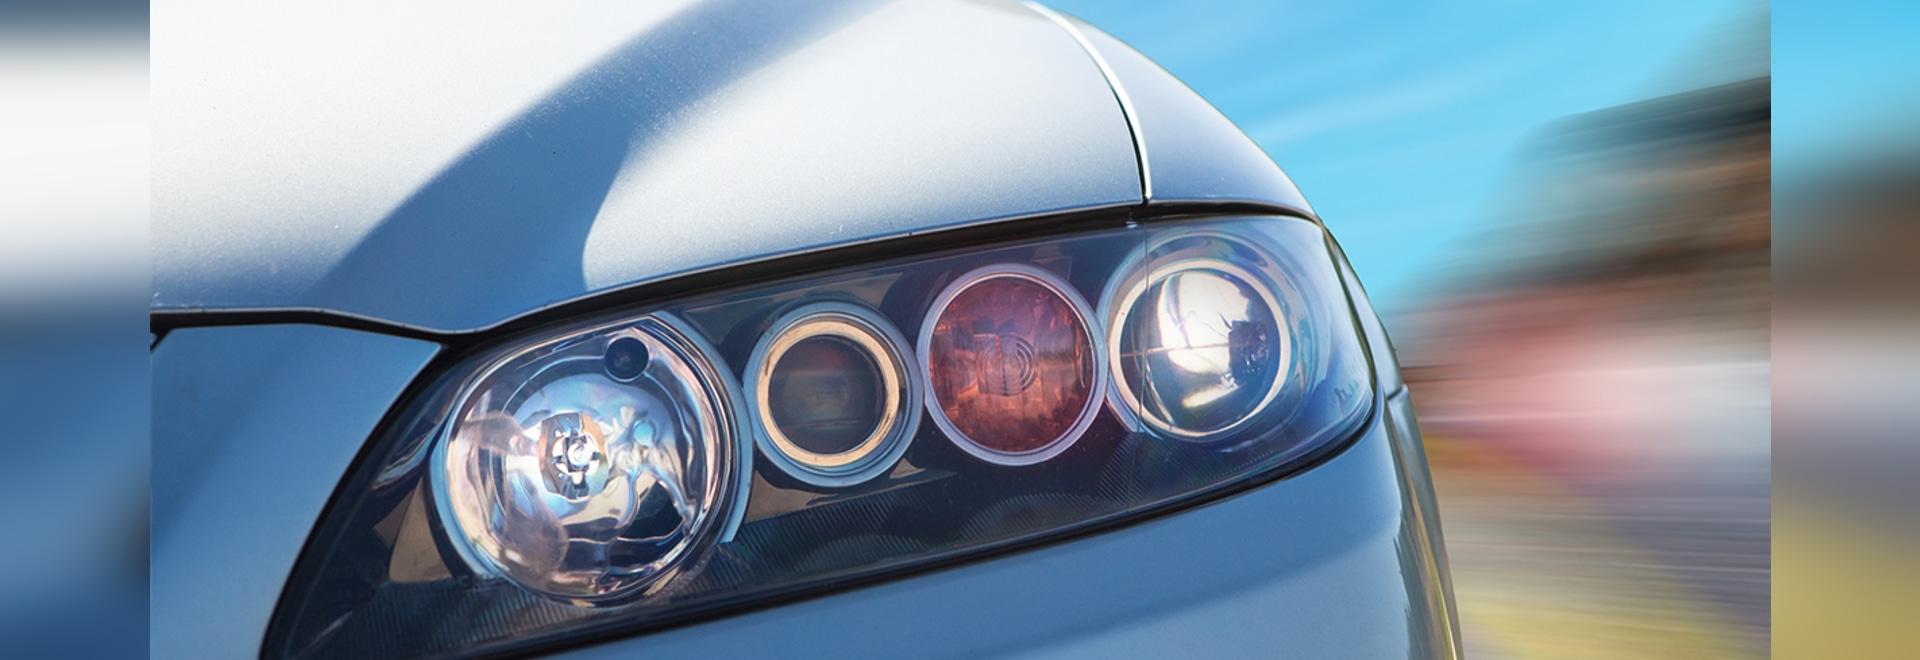 Solutions de mesure pour l'éclairage intérieur et extérieur des véhicules